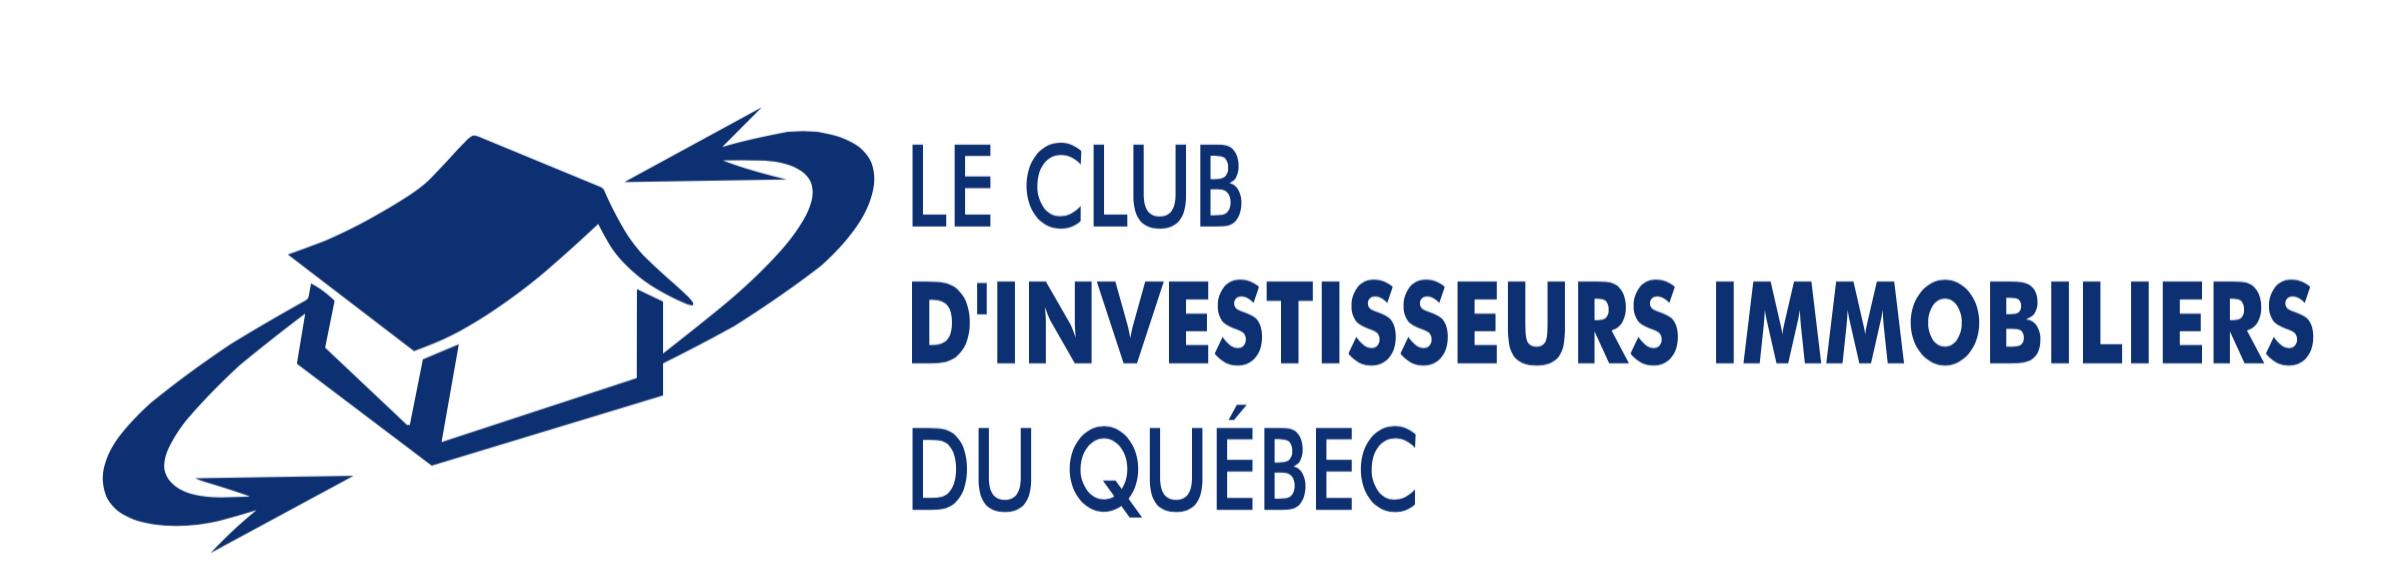 Académie du Club d'investisseurs immobiliers du Québec